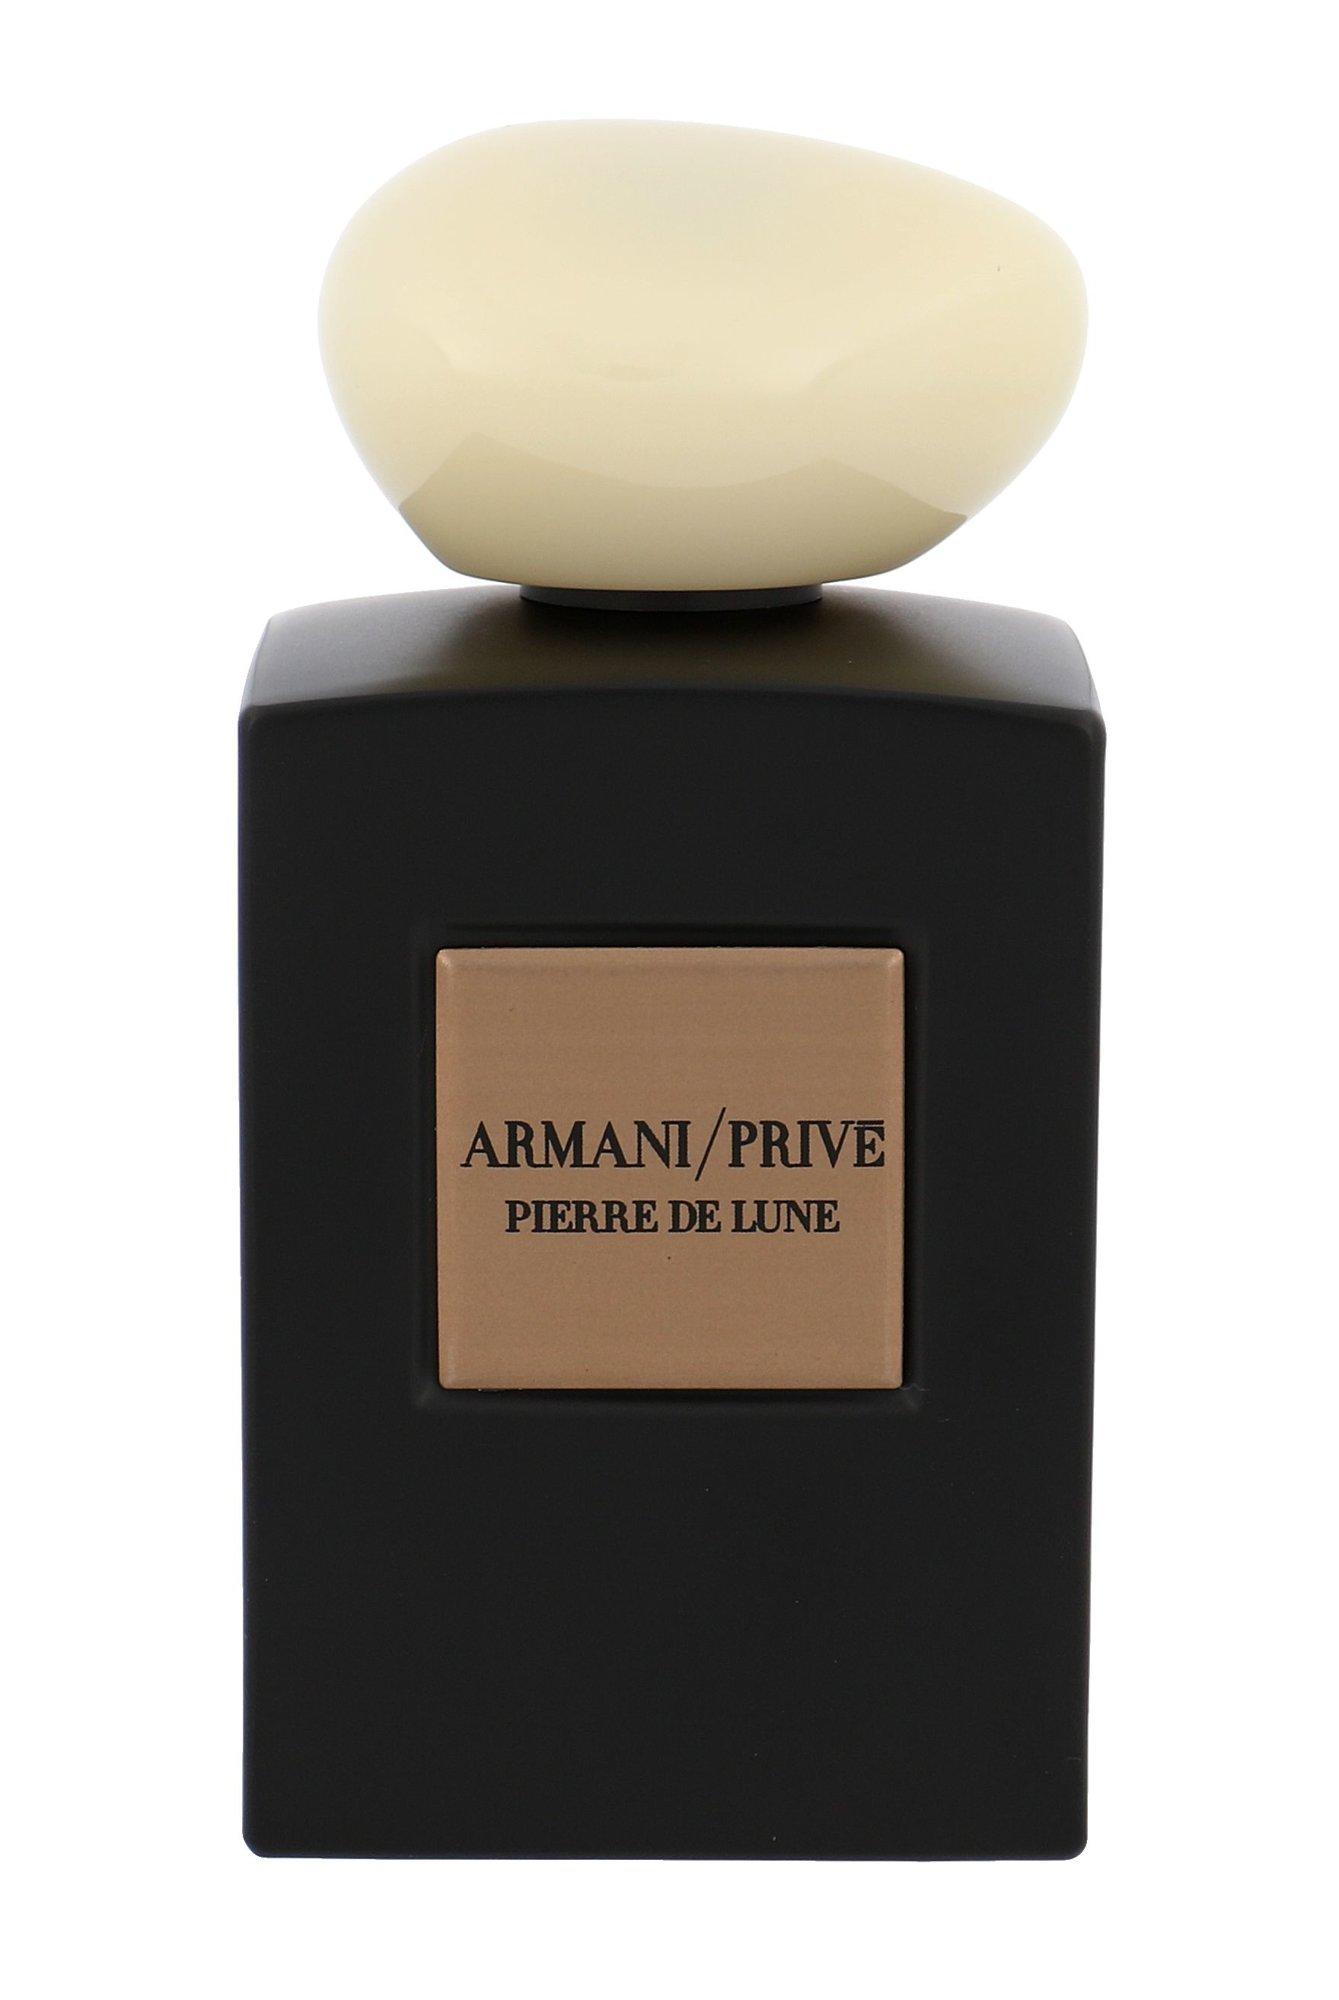 Armani Privé Pierre de Lune EDP 100ml